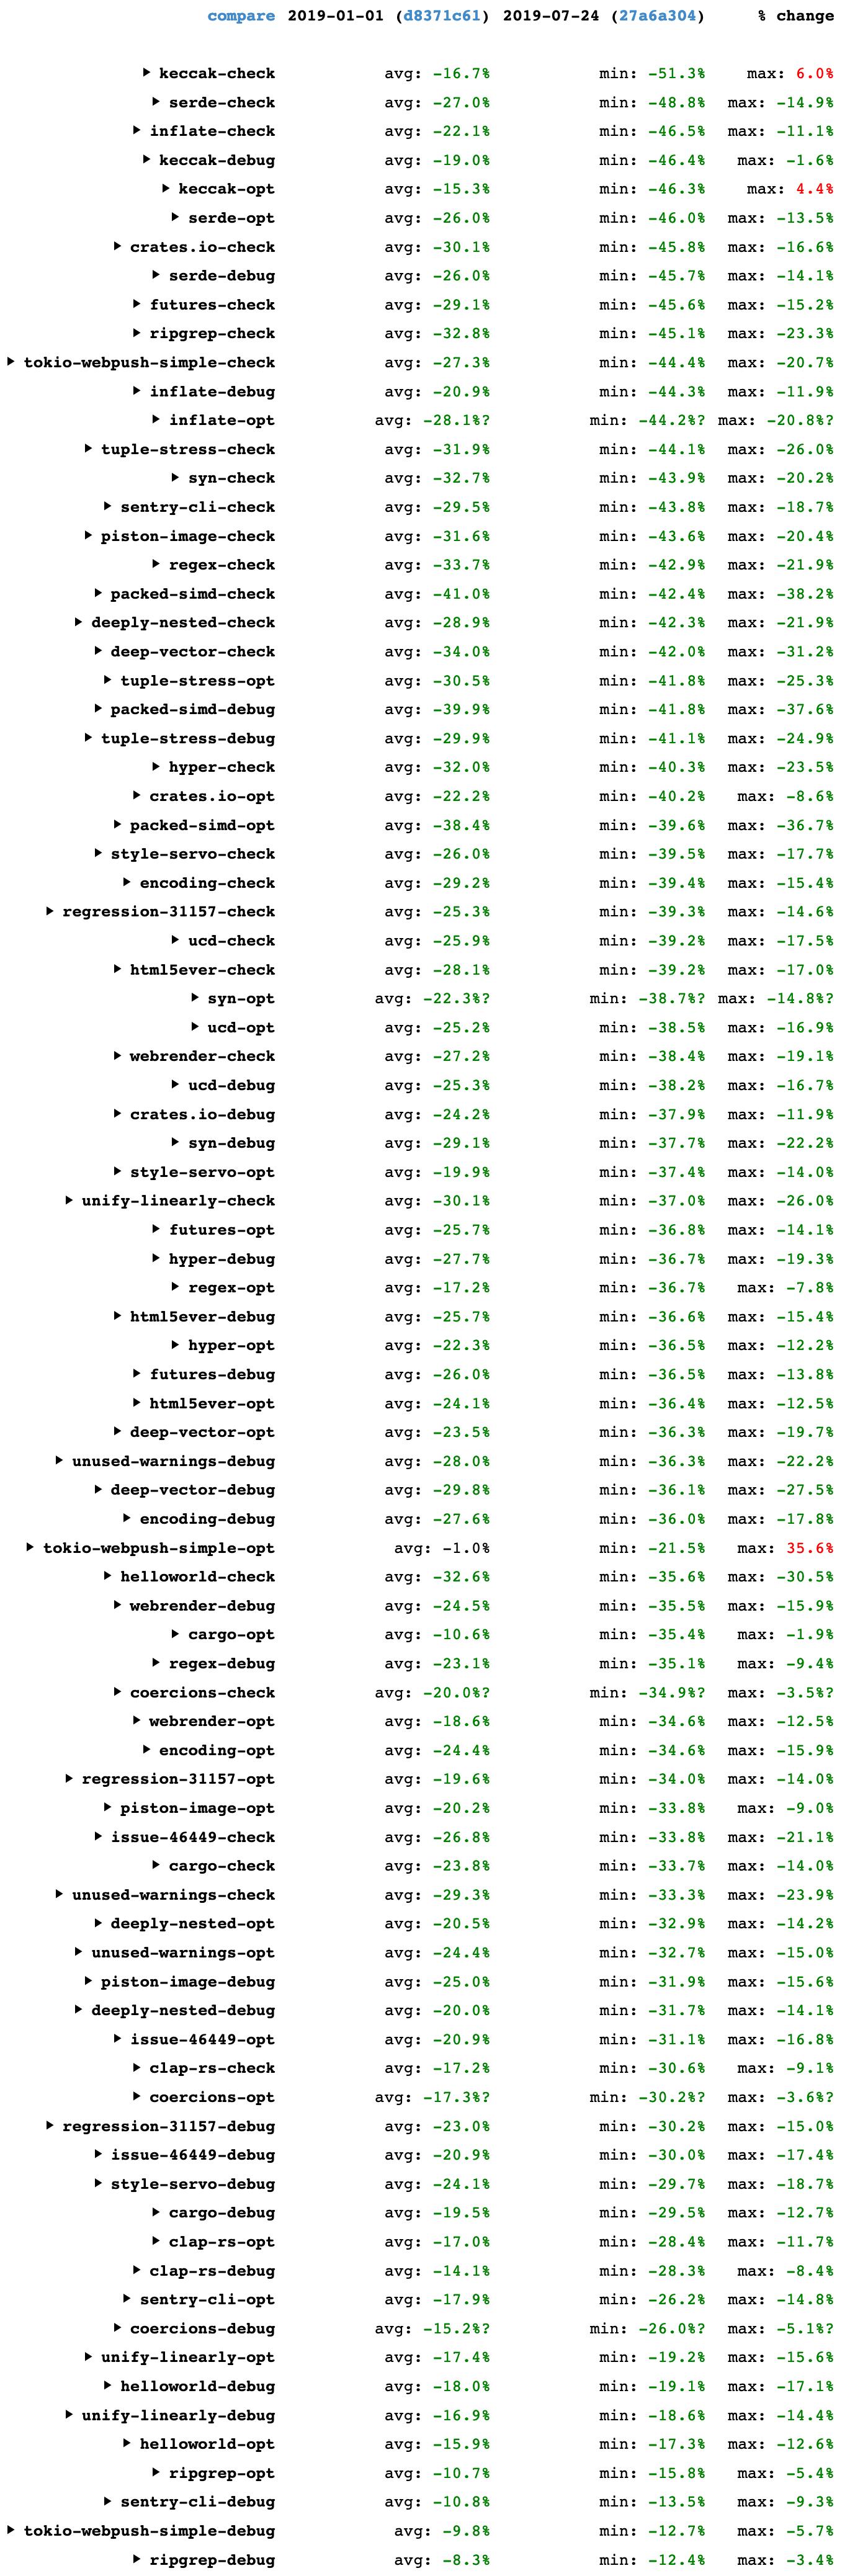 Table showing Rust compiler speedups between 2019-01-01 and 2019-07-24